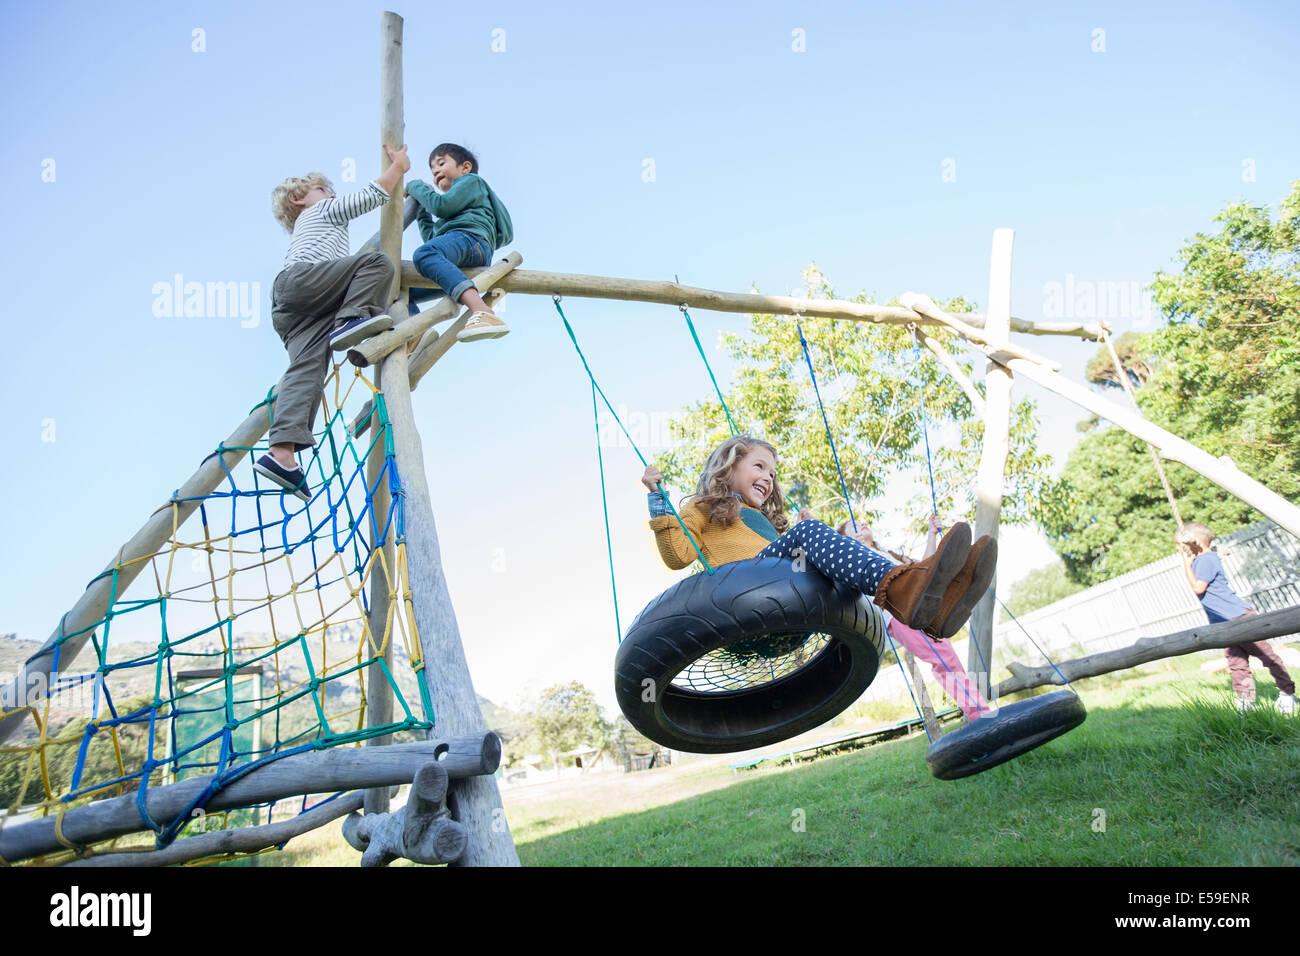 Les enfants jouant sur les structures de jeu Photo Stock